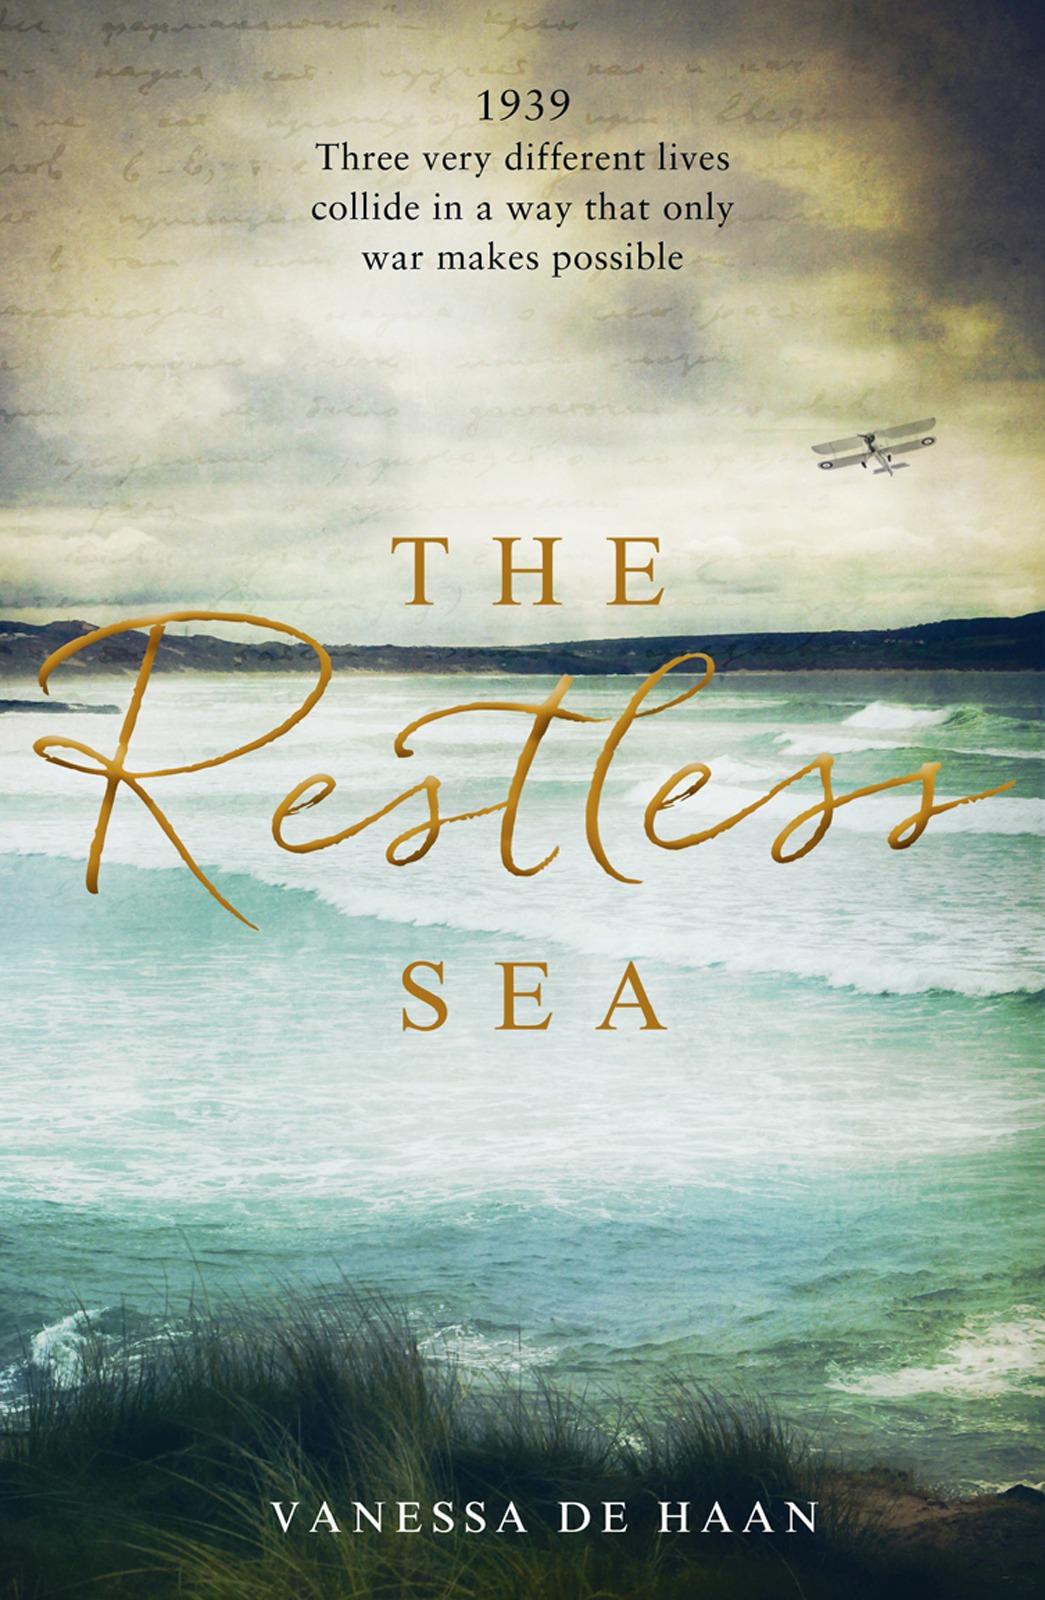 Vanessa Haan de The Restless Sea p bierens de haan hoofdlijnen eener psychologie met metafysischen grondslag